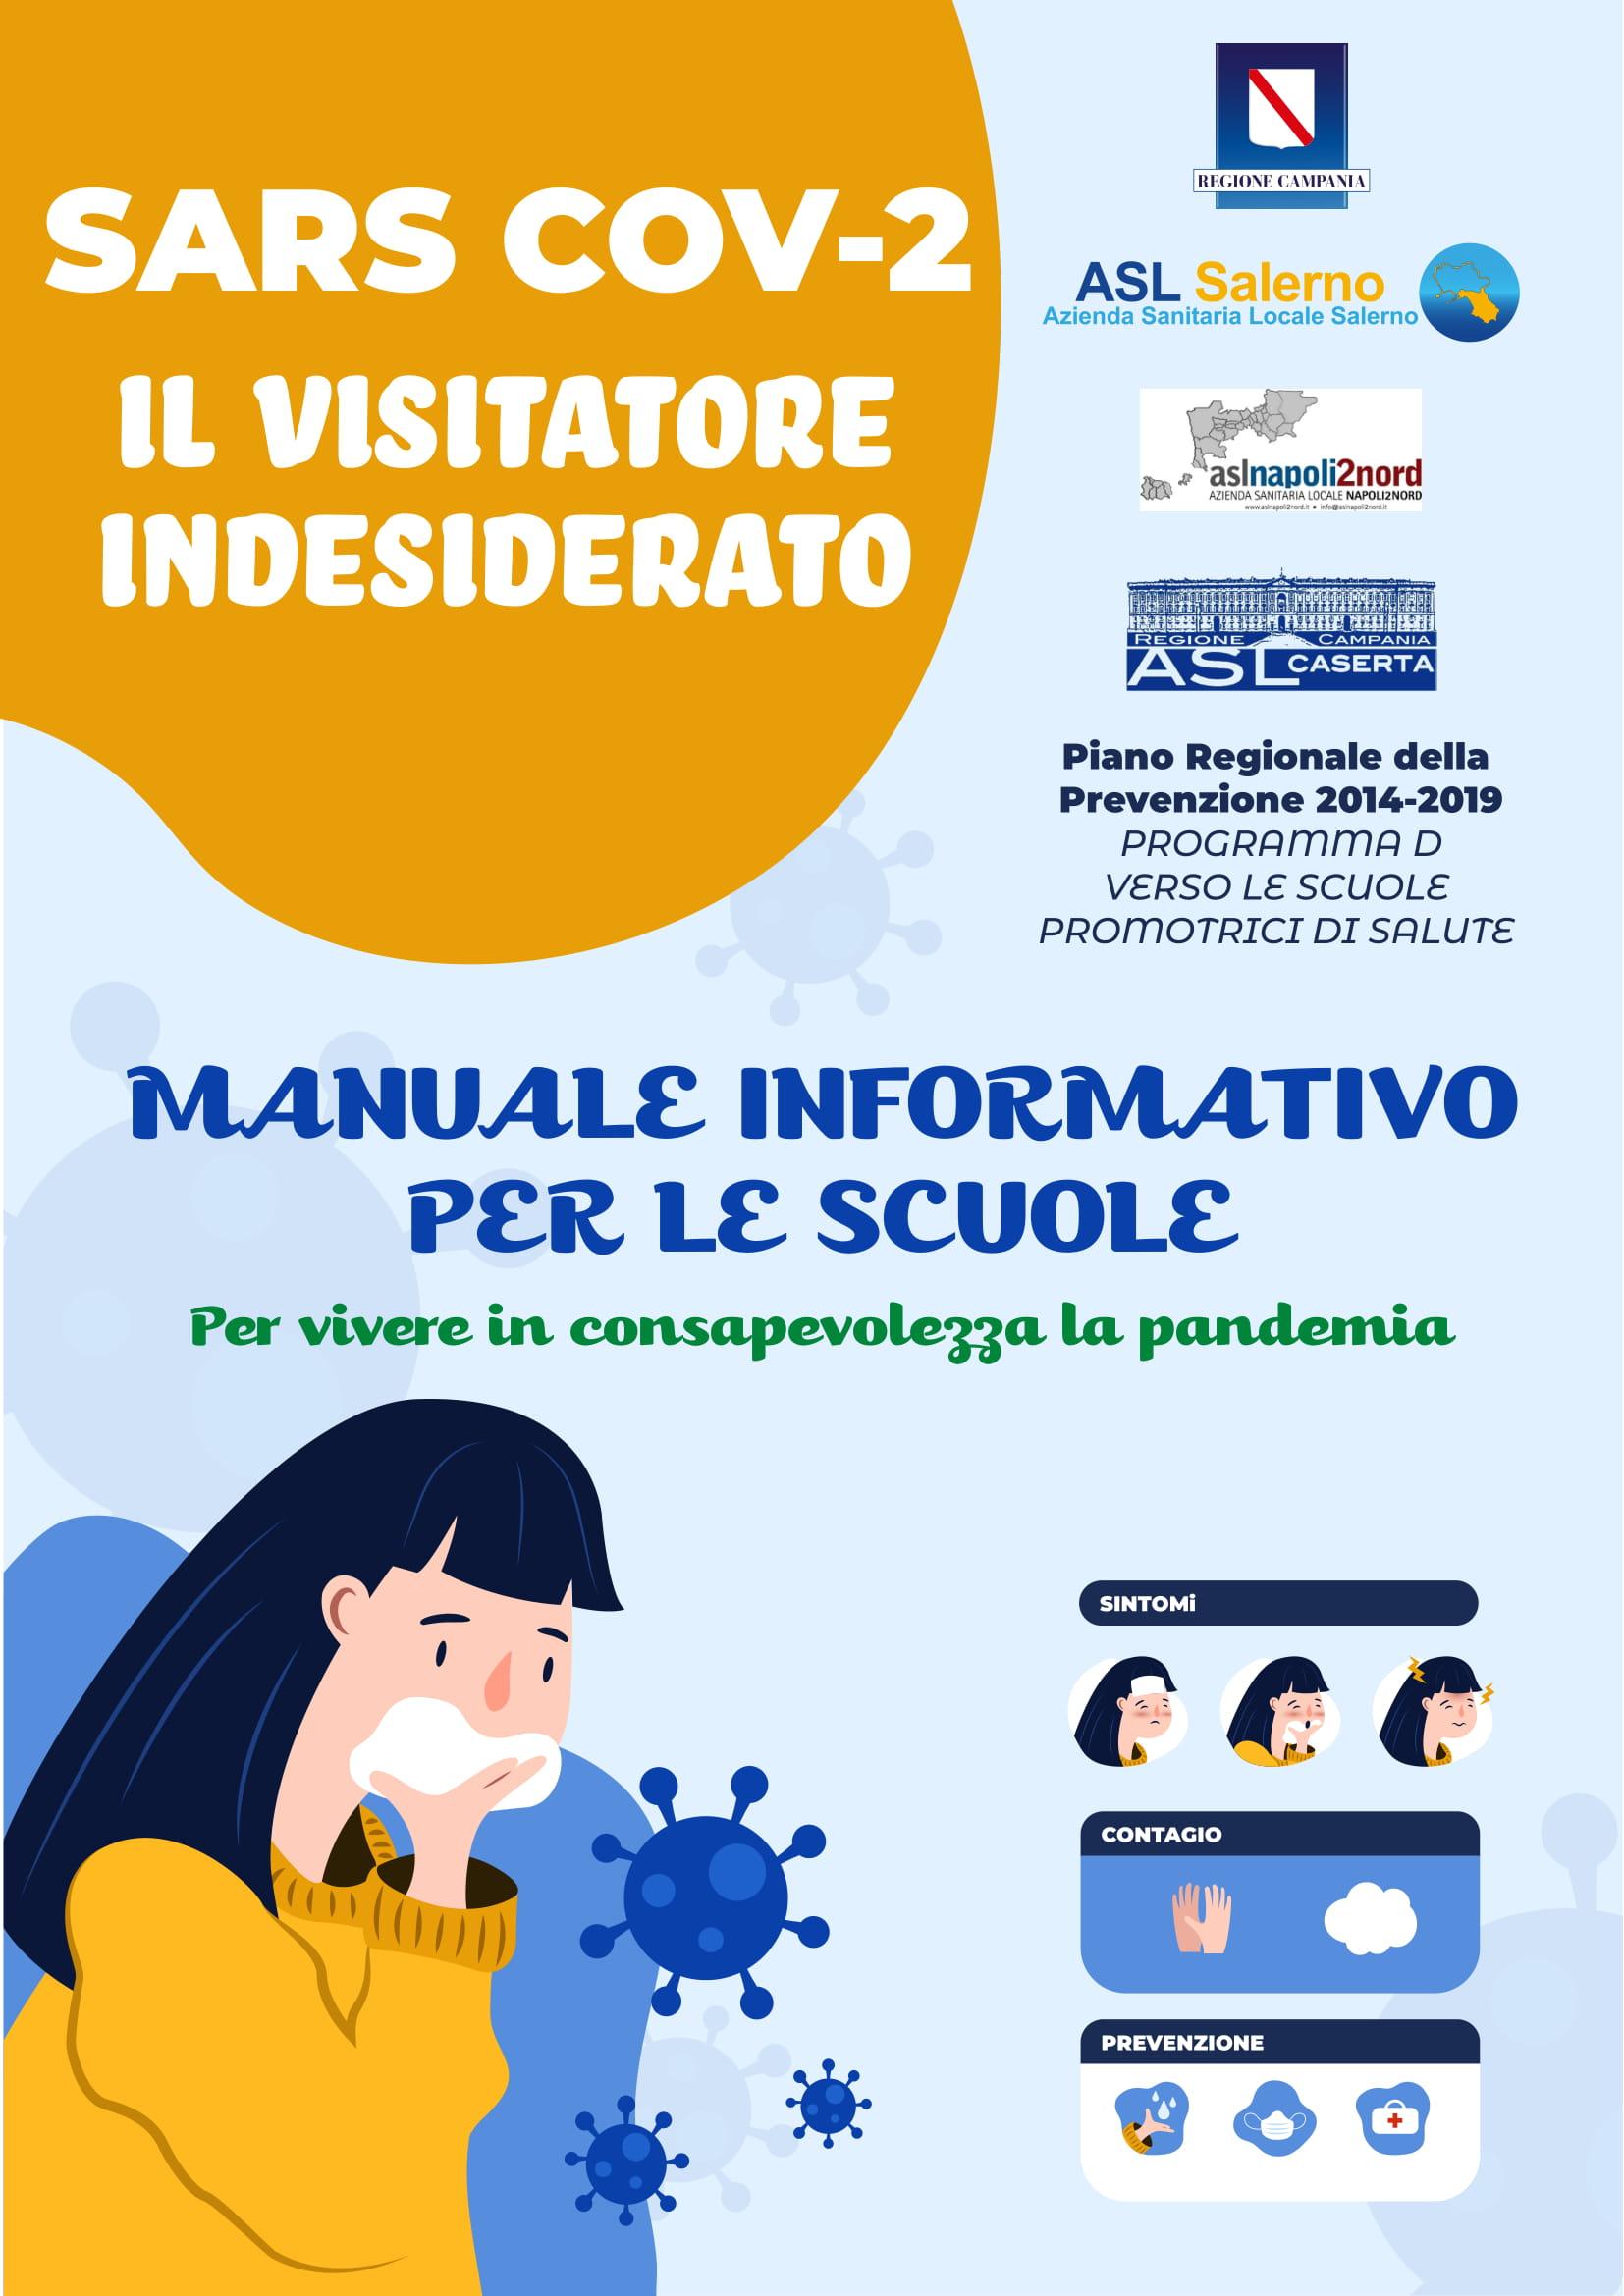 ASL Salerno – COVID-19 Manuale informativo per le scuole